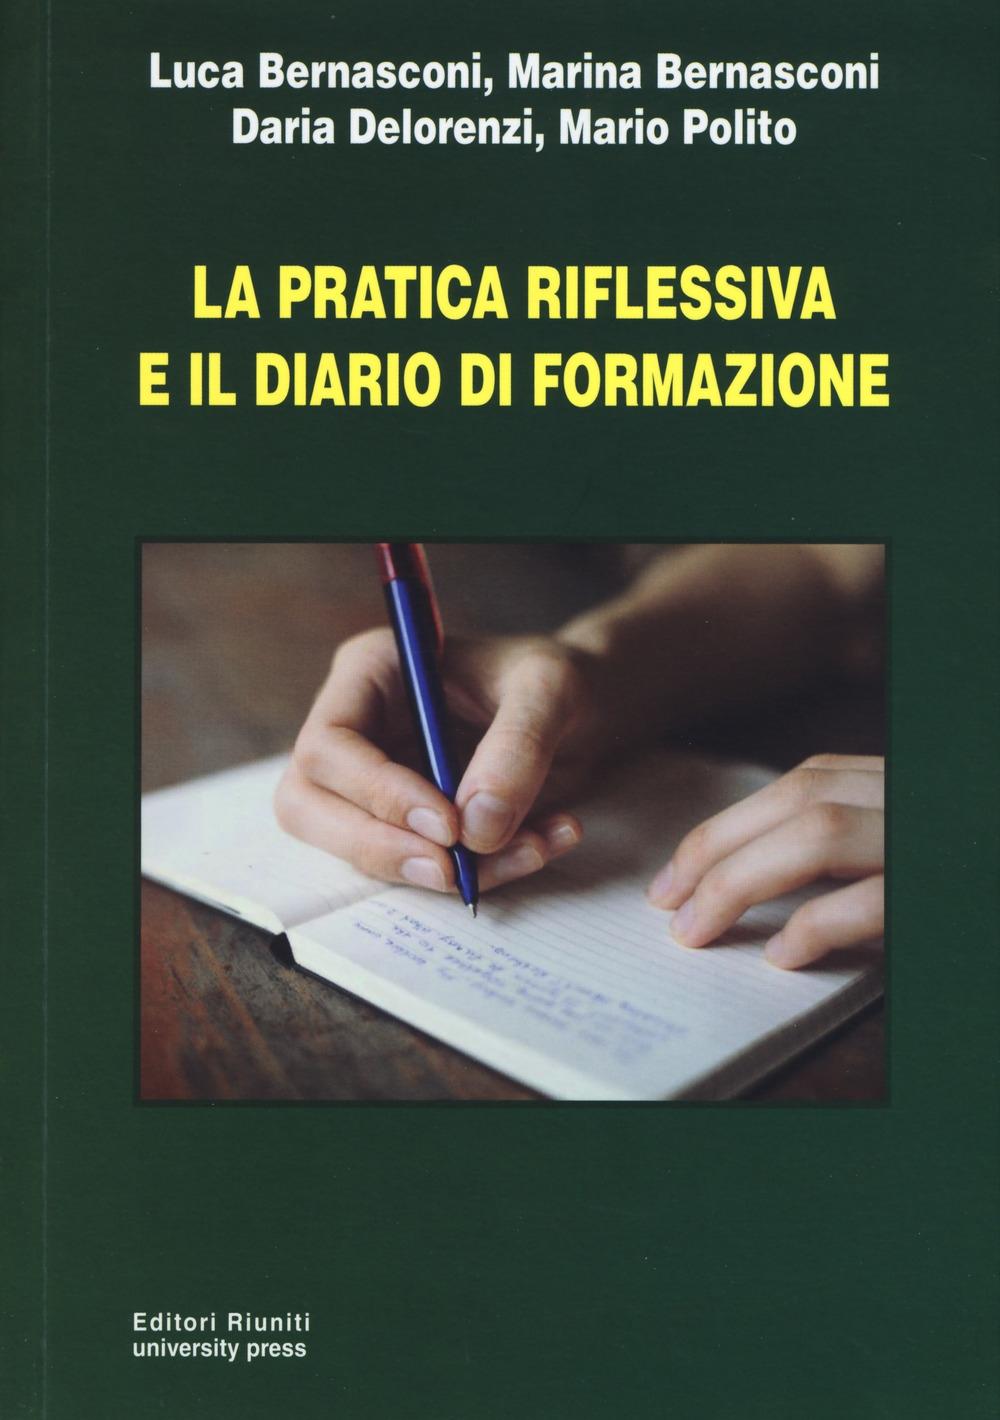 La pratica riflessiva e il diario di formazione